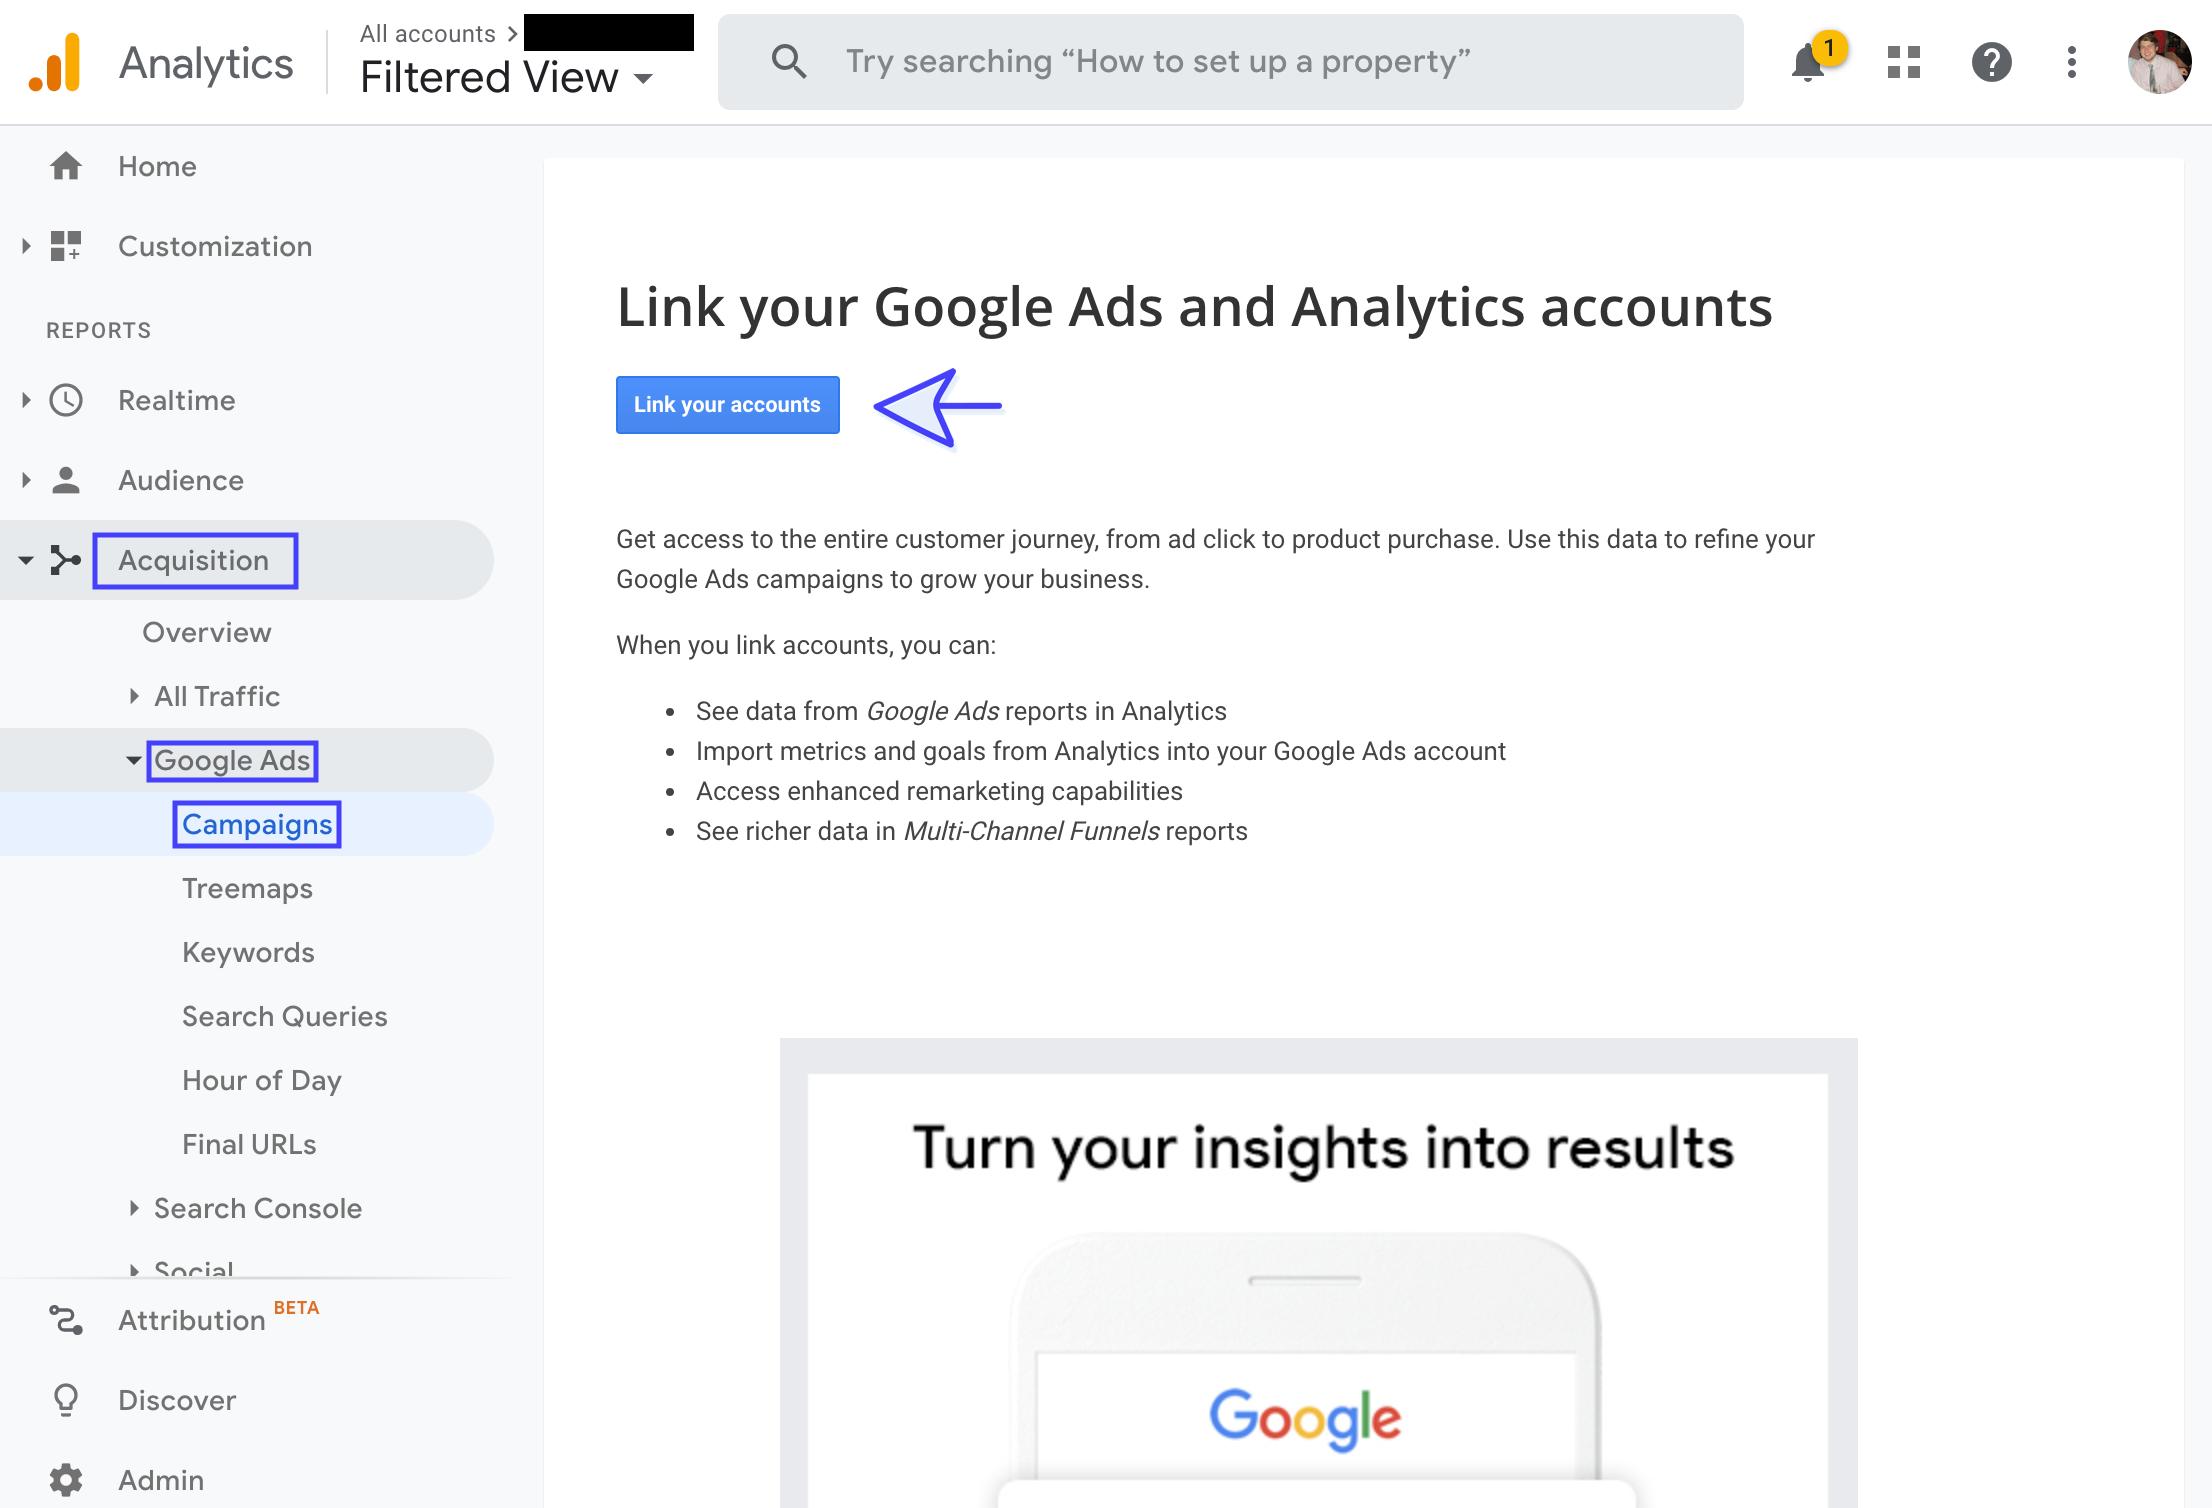 Link Google Ads